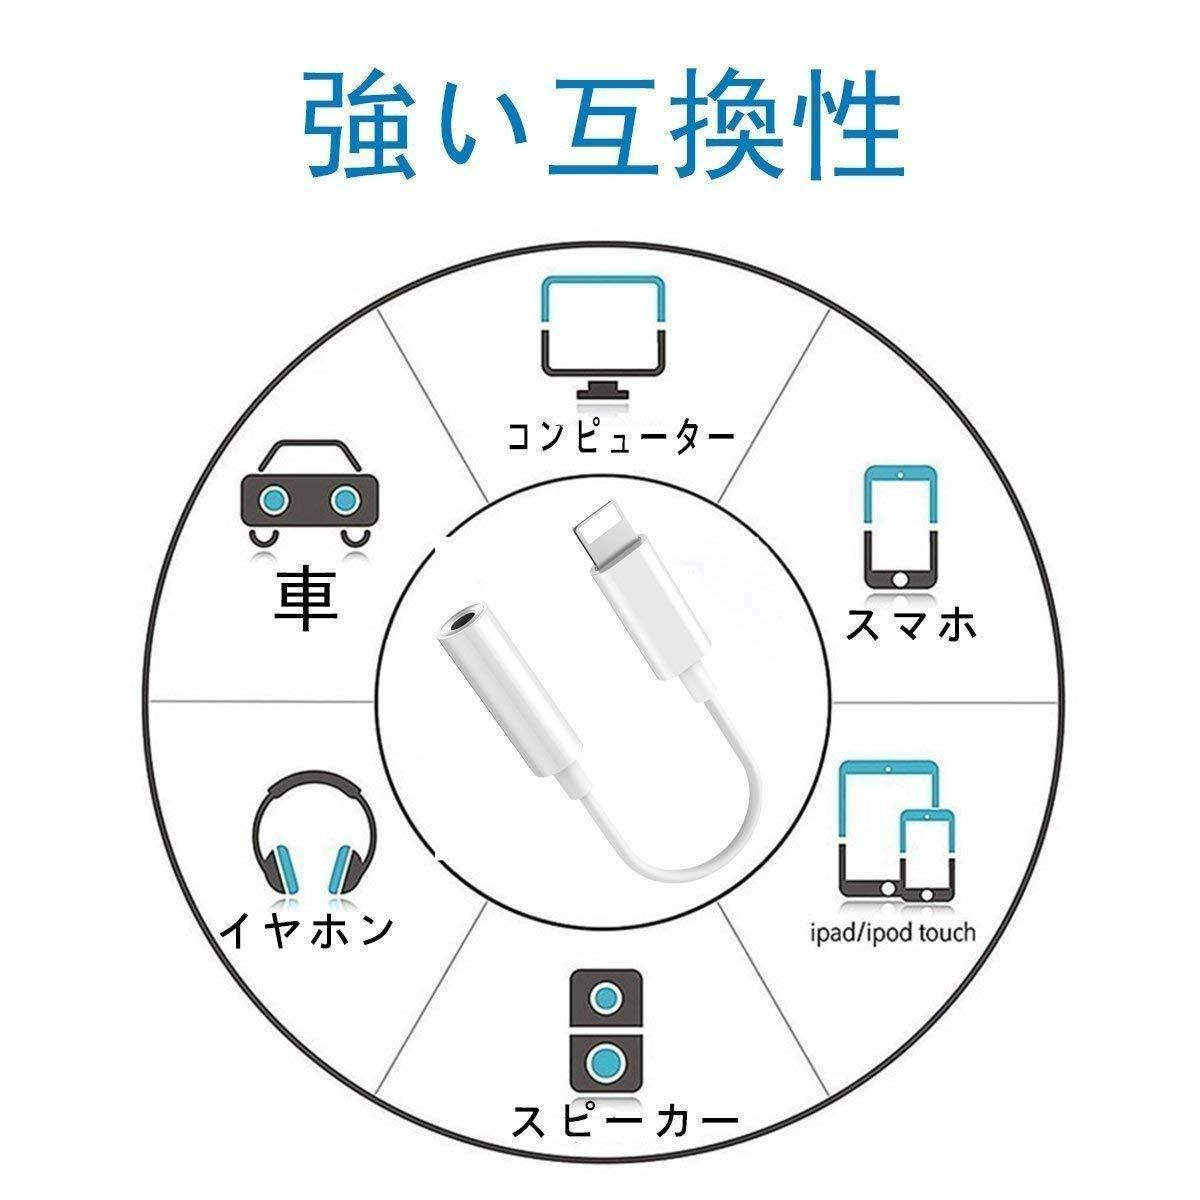 [新品]iPhone 3.5mmイヤホンジャック変換アダプタ iPhoneXs/Xs max/Xr/8/8plus/7/7plus(IOS11、12対応) 音楽再生用 通話不可_画像5